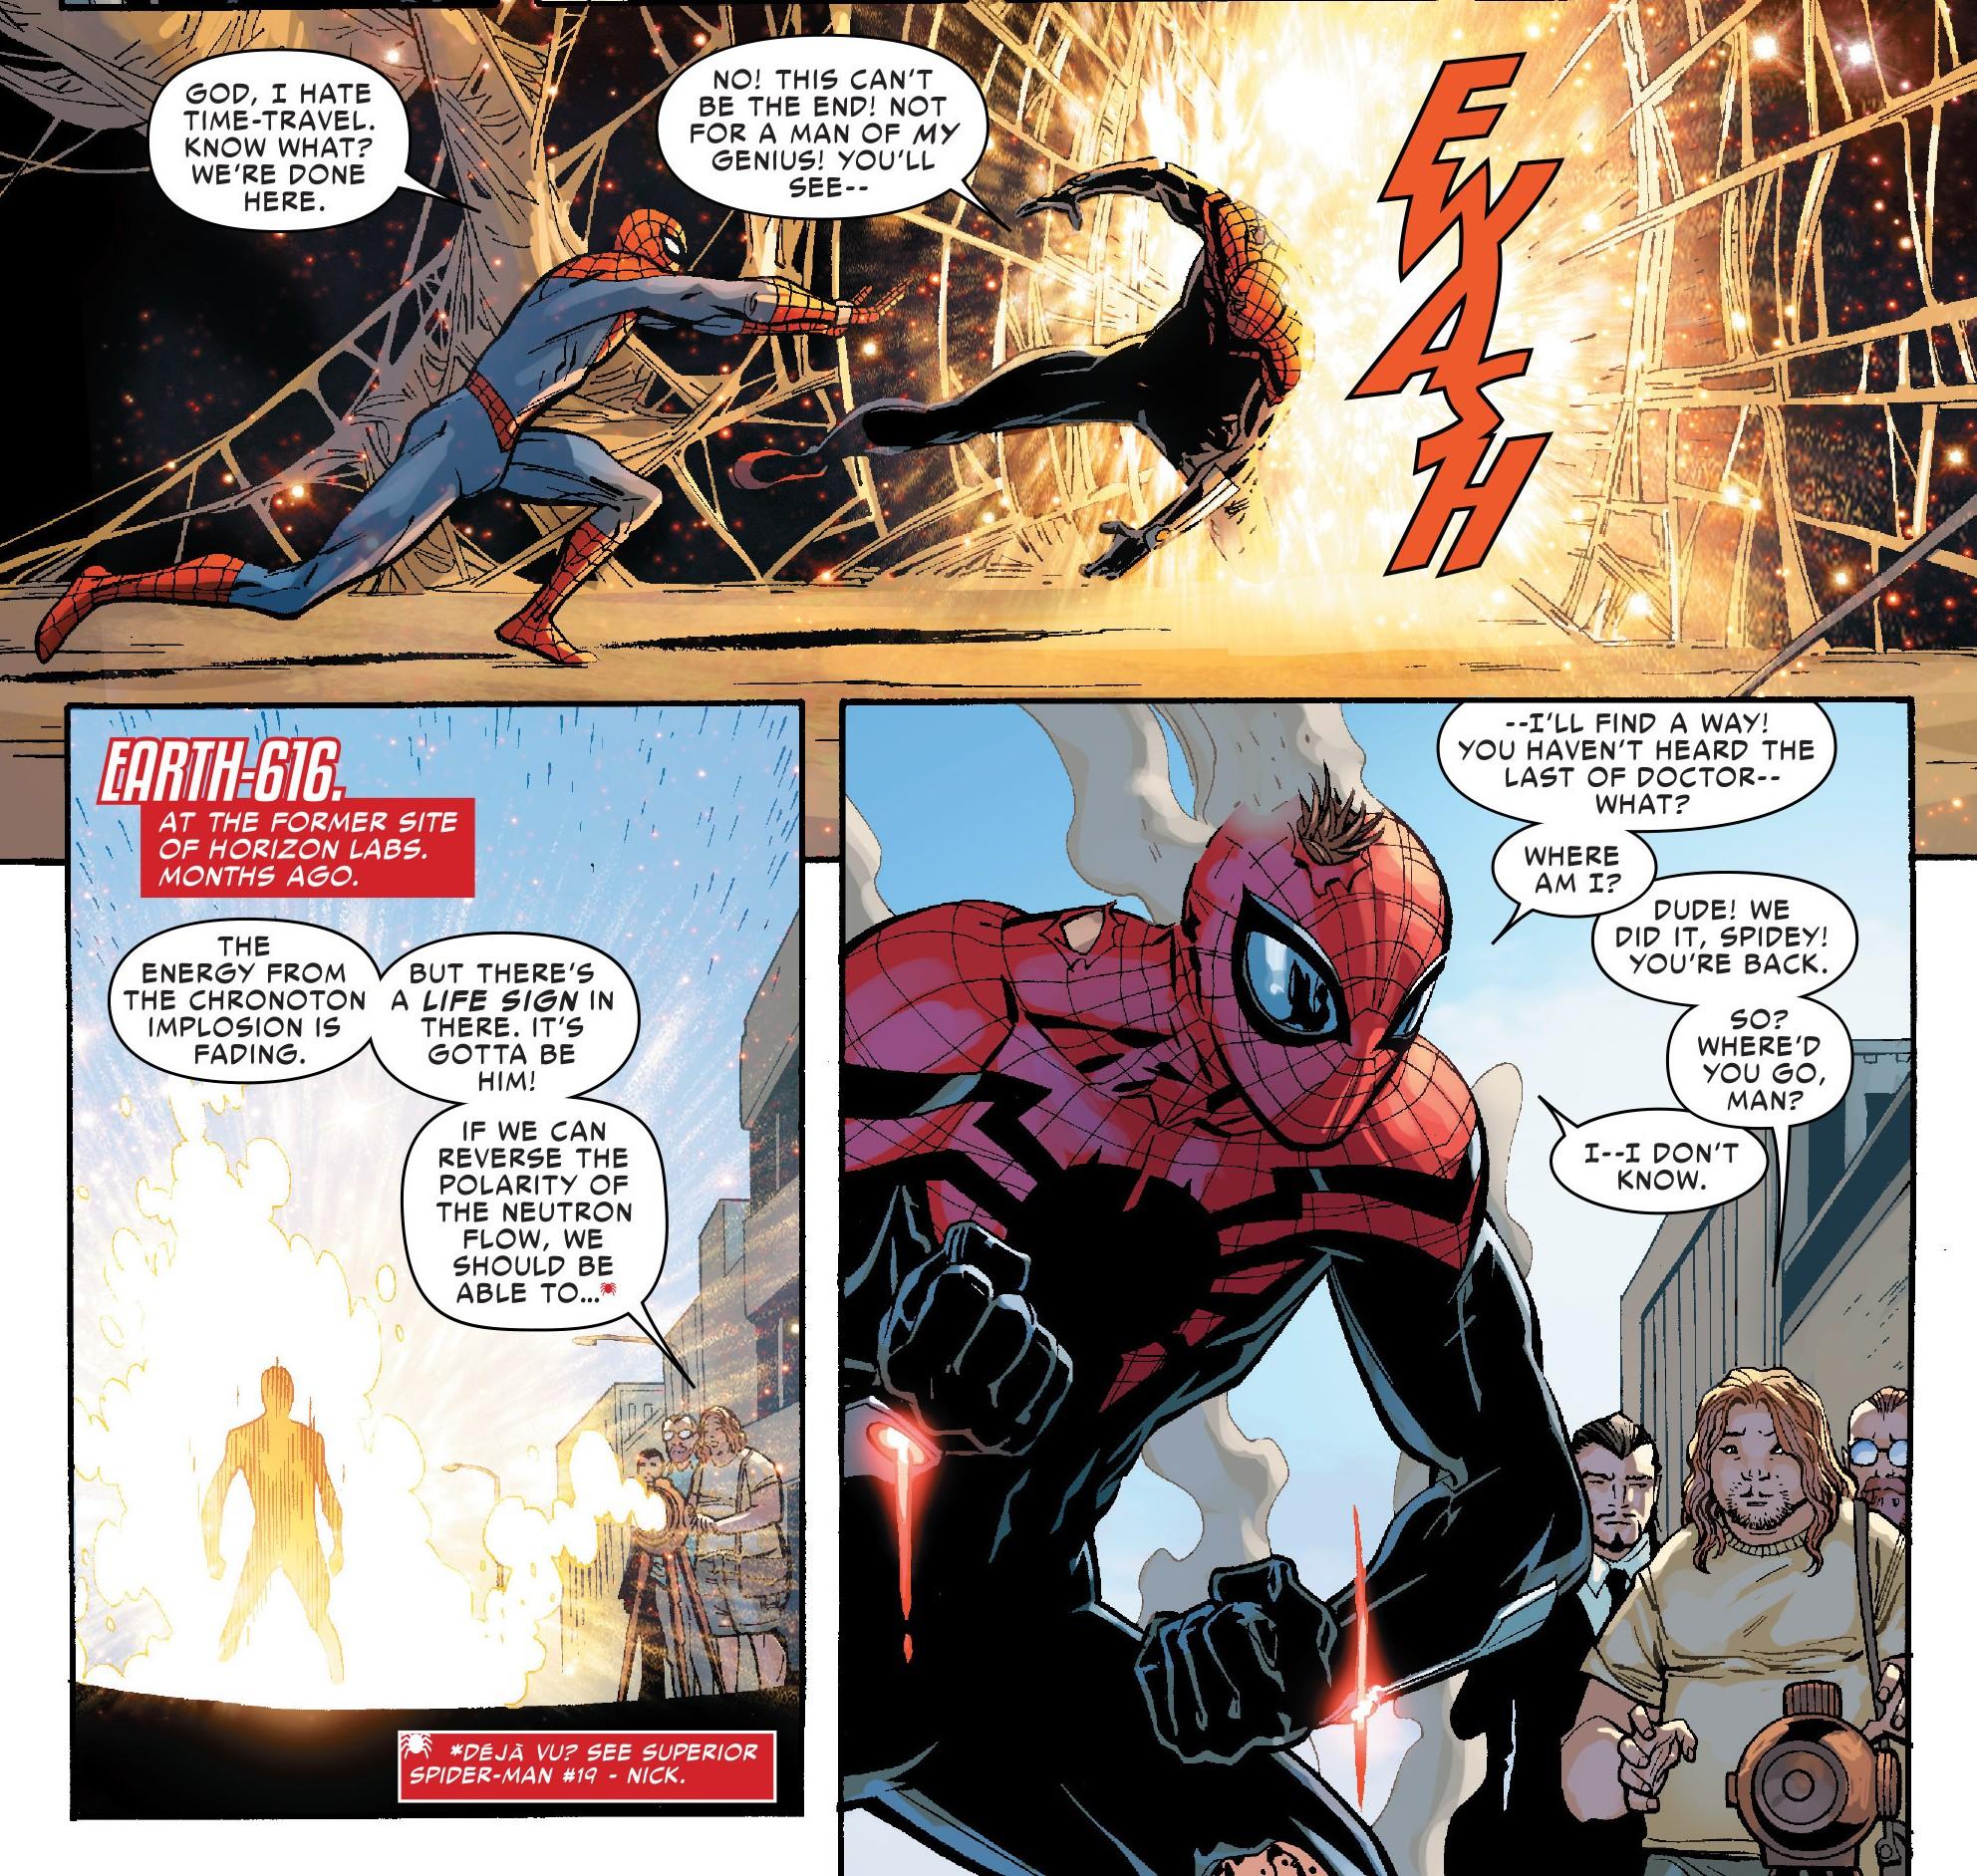 AmazingSpider-Man(2014)#15--p14